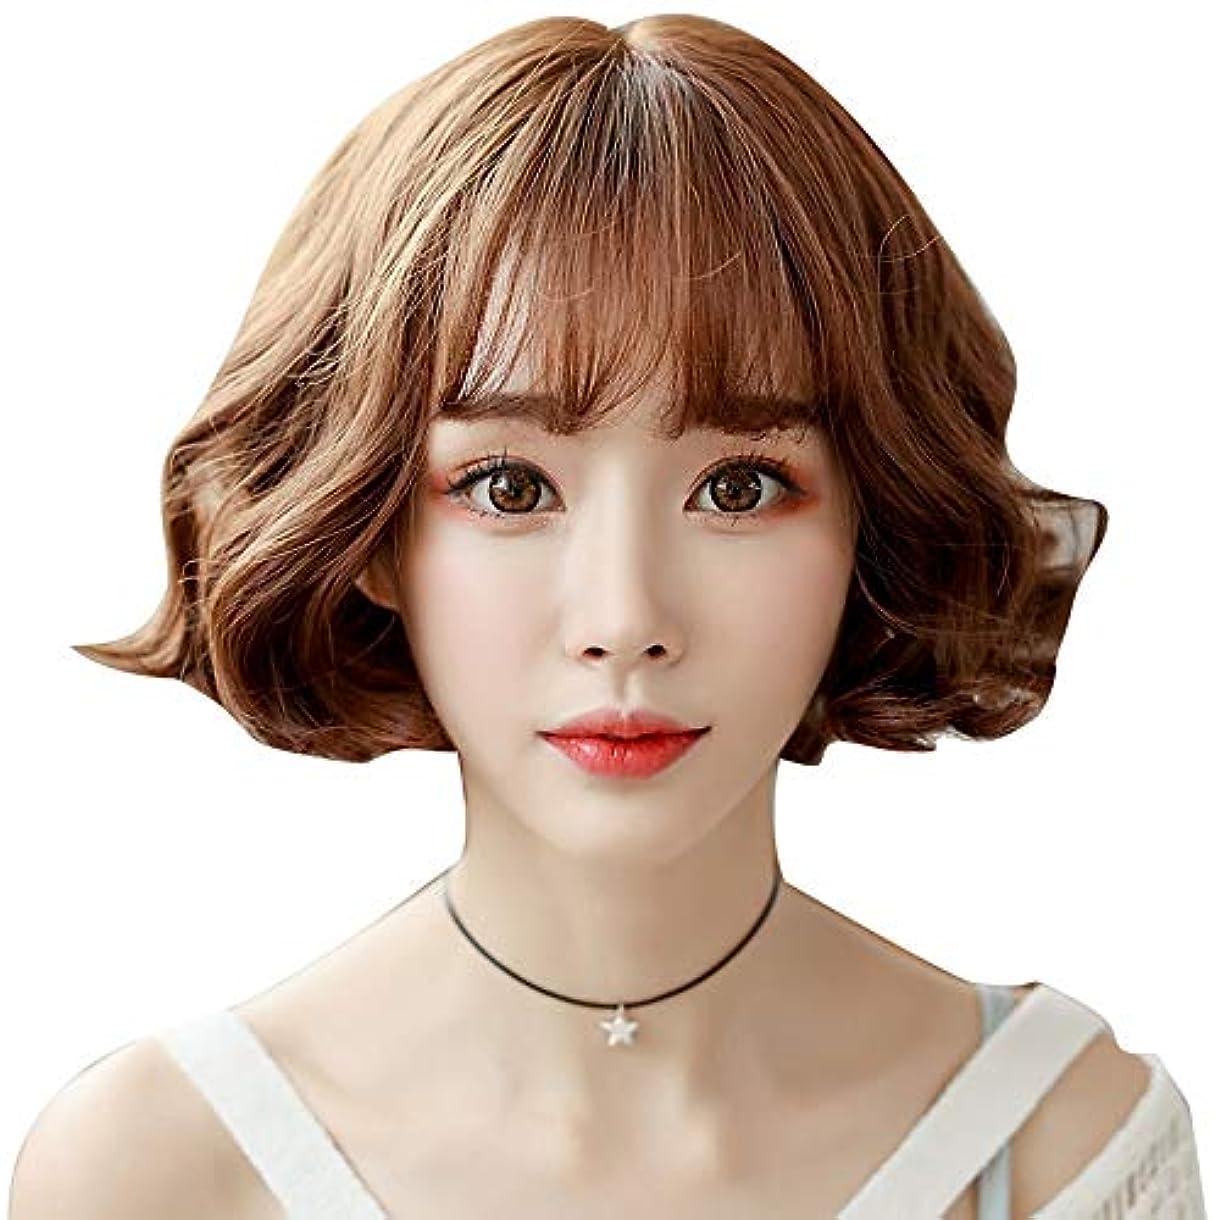 階スキーいろいろSRY-Wigファッション 前髪かつら女性ショートヘアナチュラルフルヘッドカラーボボヘッド鎖骨ロングヘアかわいいショートカーリーヘア